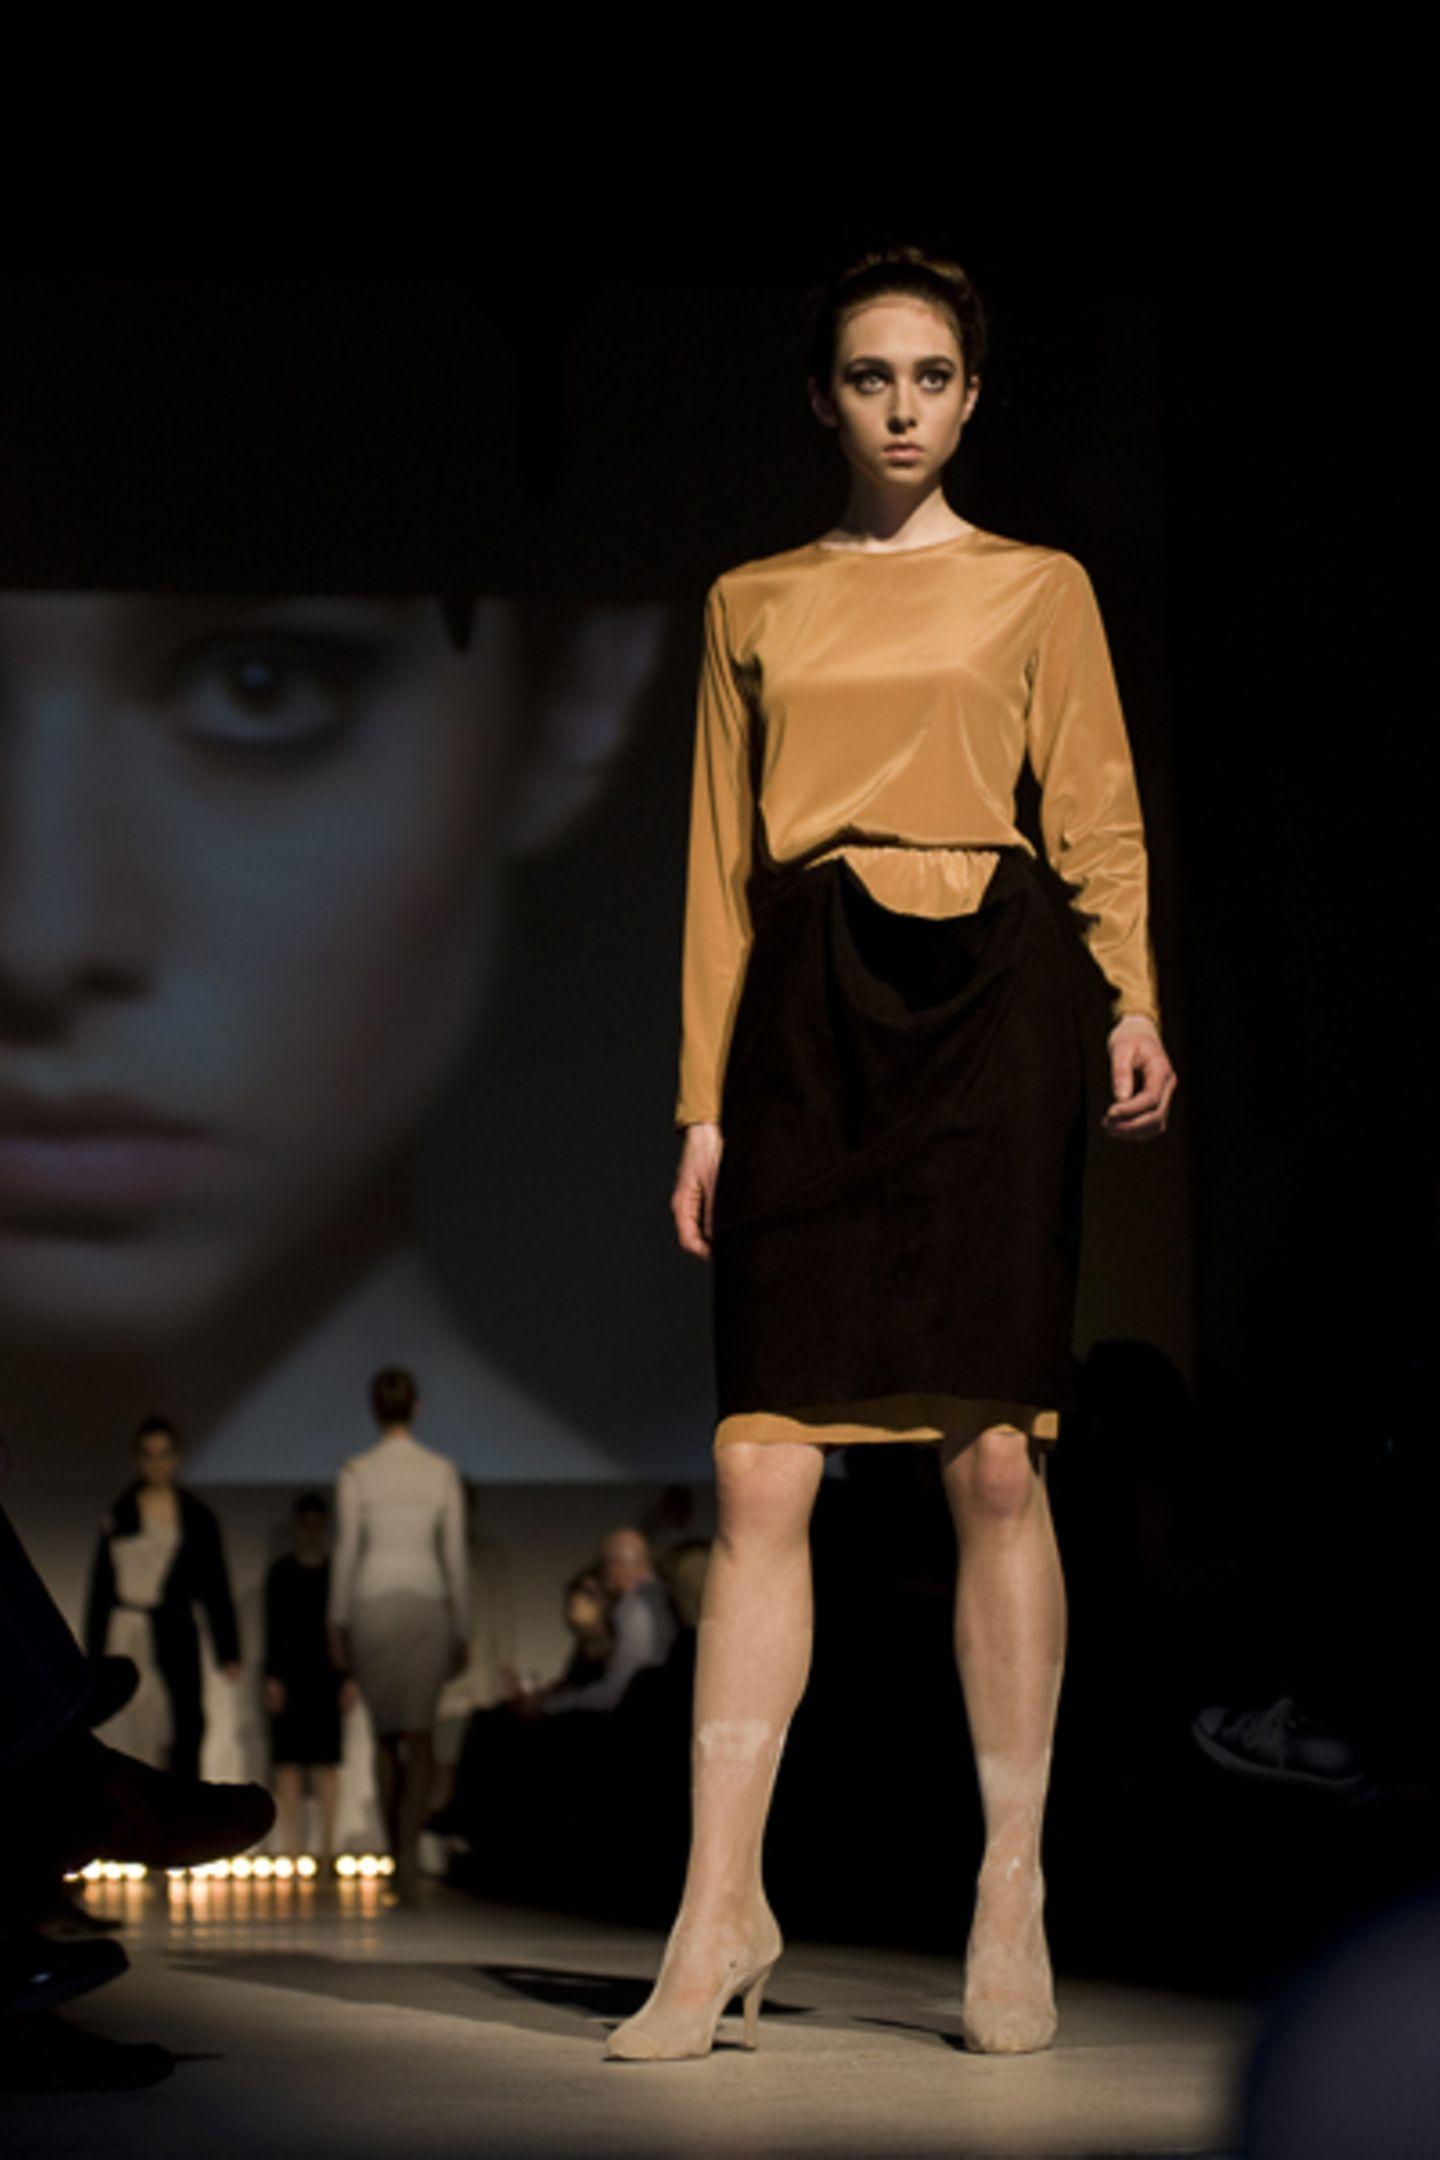 Mel Fuhl: Sein, Werden Die Vergänglichkeit thematisiert Mel Fuhl in ihrer Abschlusskollektion. Mode als etwas Sprunghaftes, Unfertiges, und doch als beständigen Prozess.